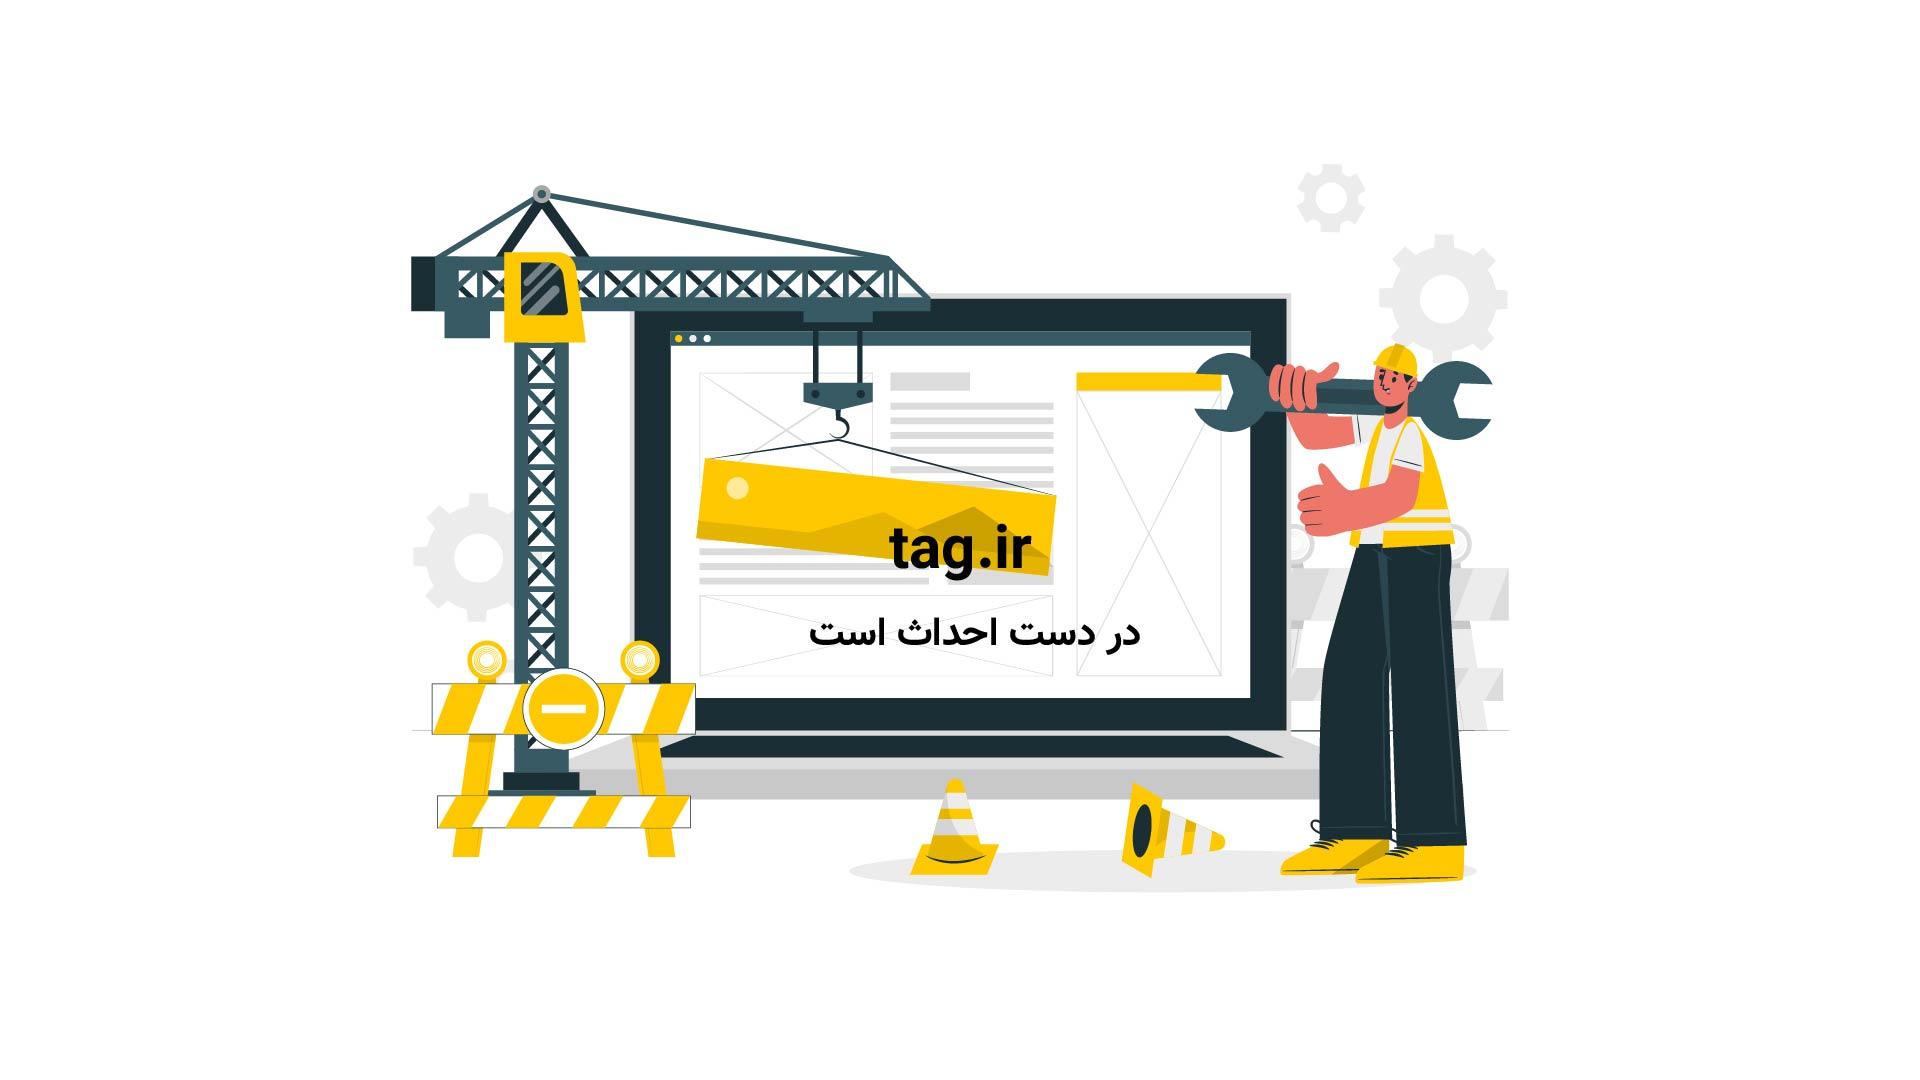 عباسعلی کدخدایی سخنگوی شورای نگهبان | تگ